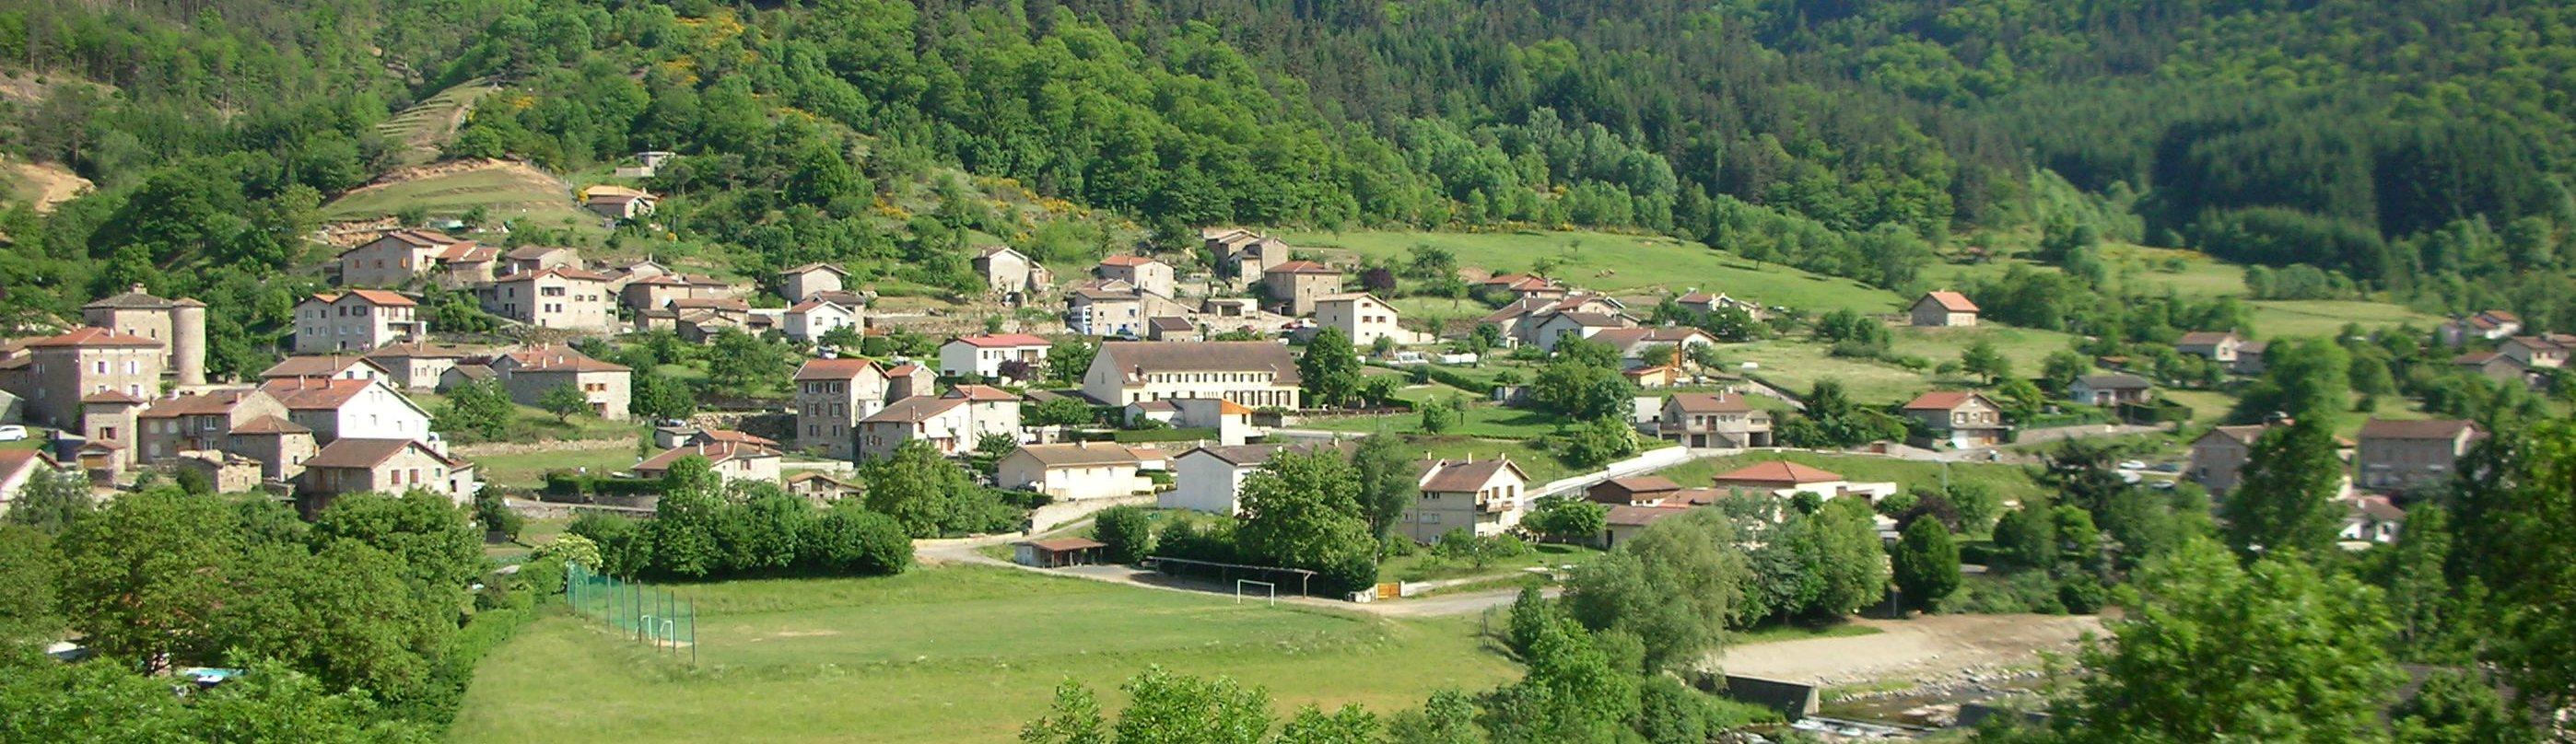 Site de la commune d'Arcens